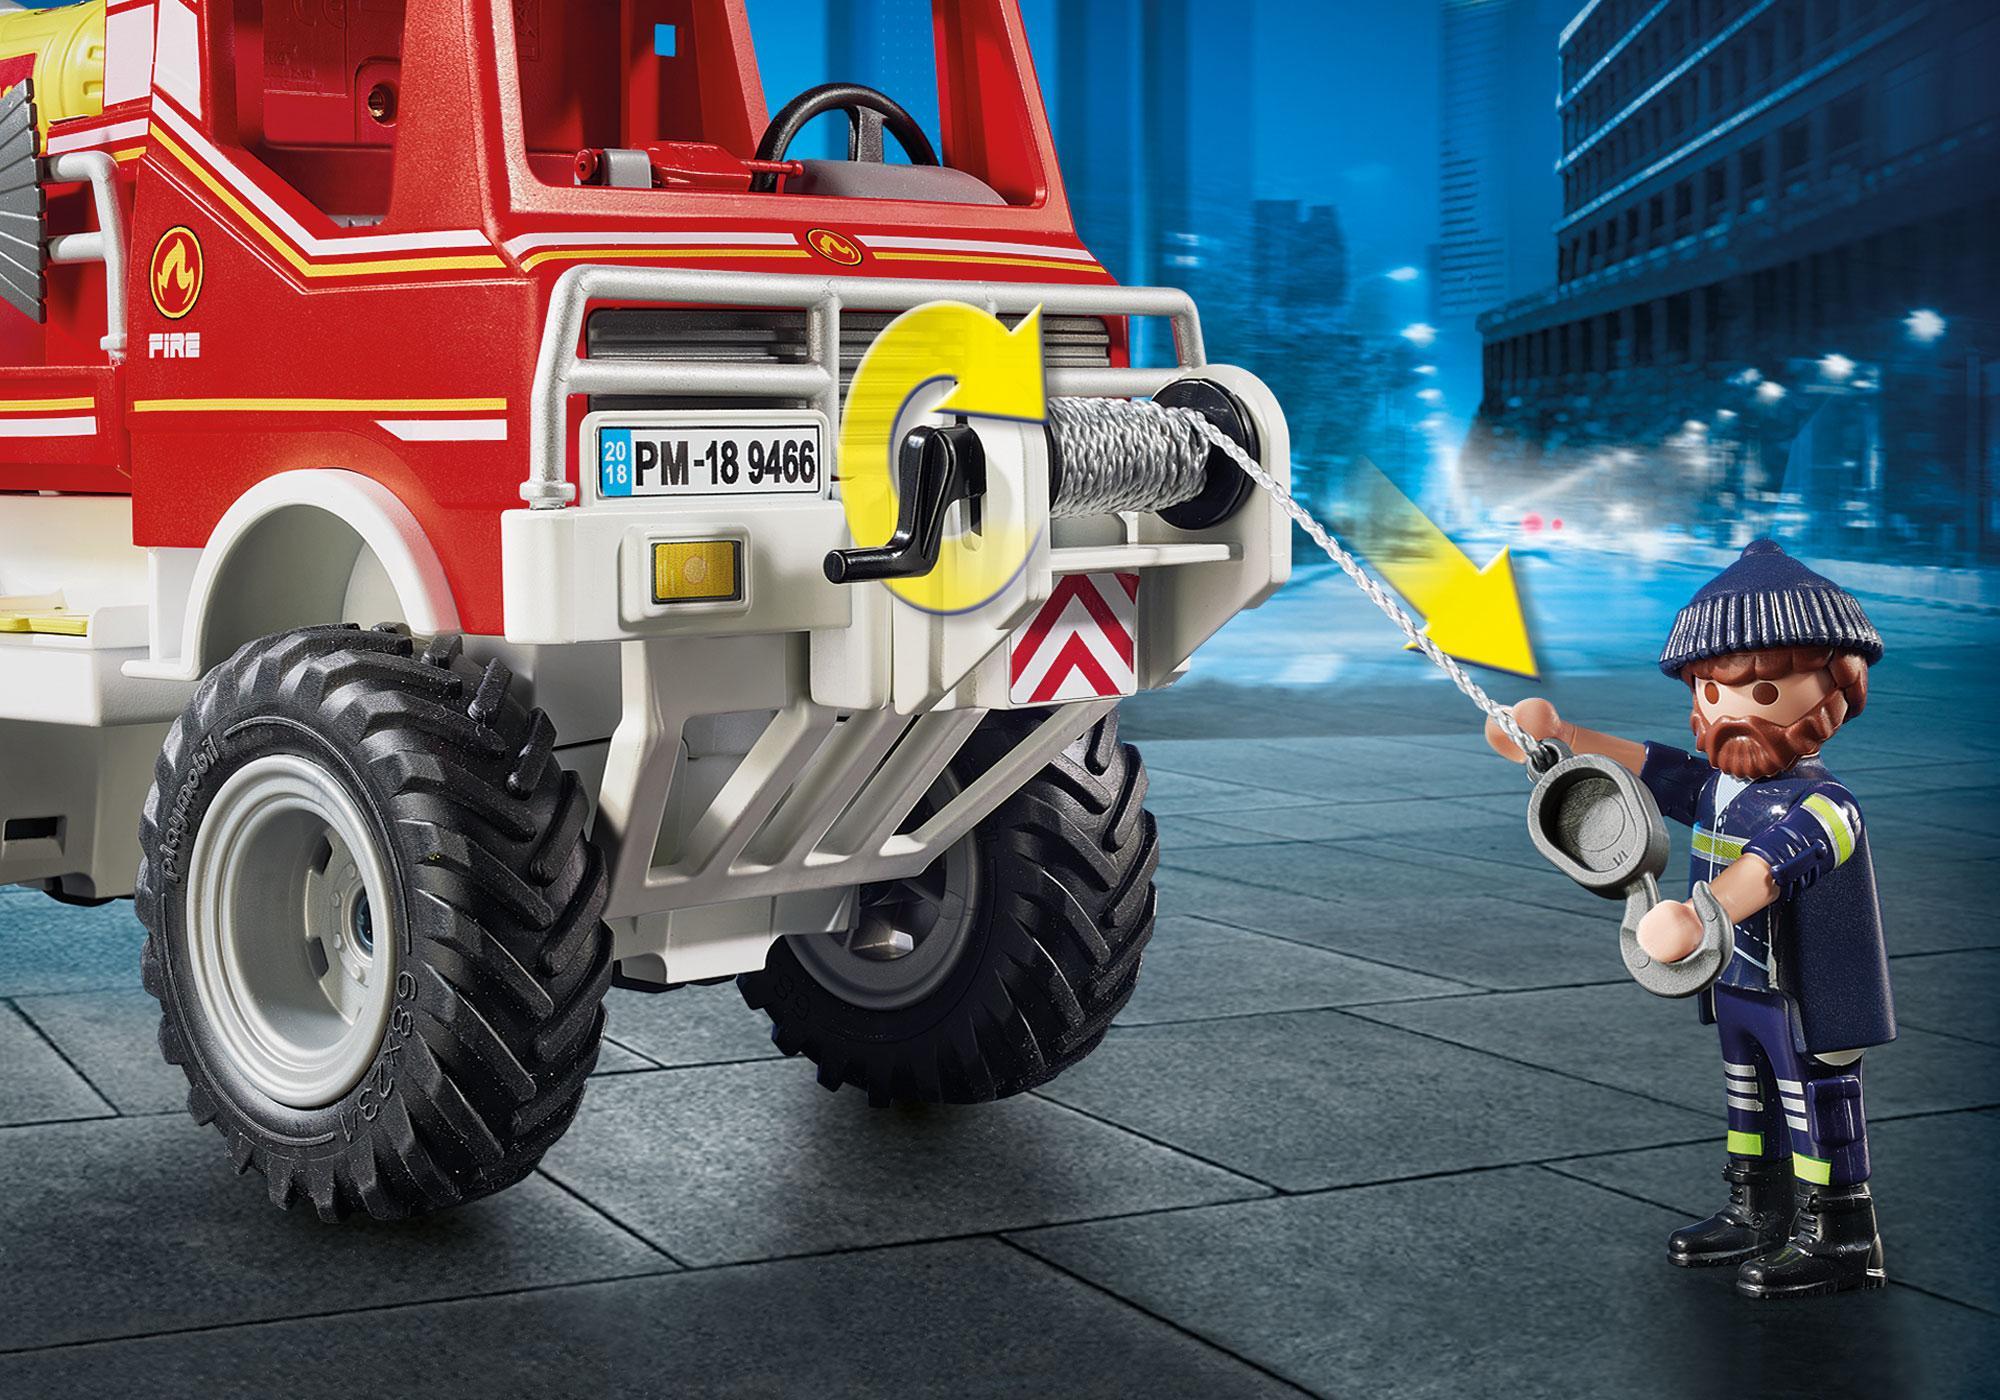 http://media.playmobil.com/i/playmobil/9466_product_extra1/Camion spara acqua dei Vigili del Fuoco